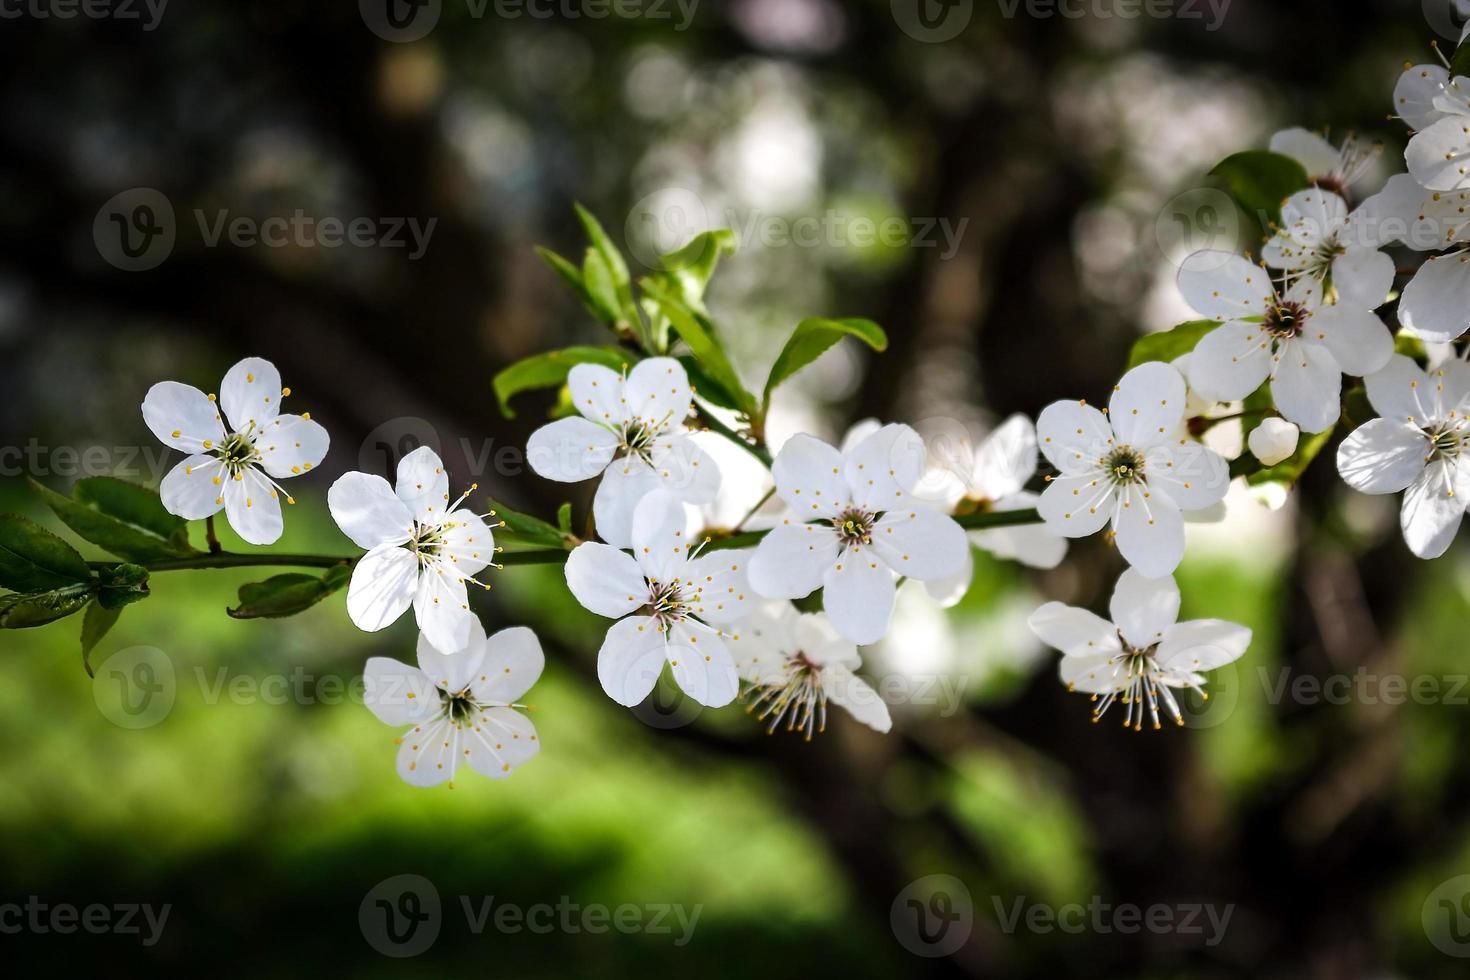 Schlehdorn weiße kleine Blumen blühen auf Ast auf verschwommenem Hintergrund foto